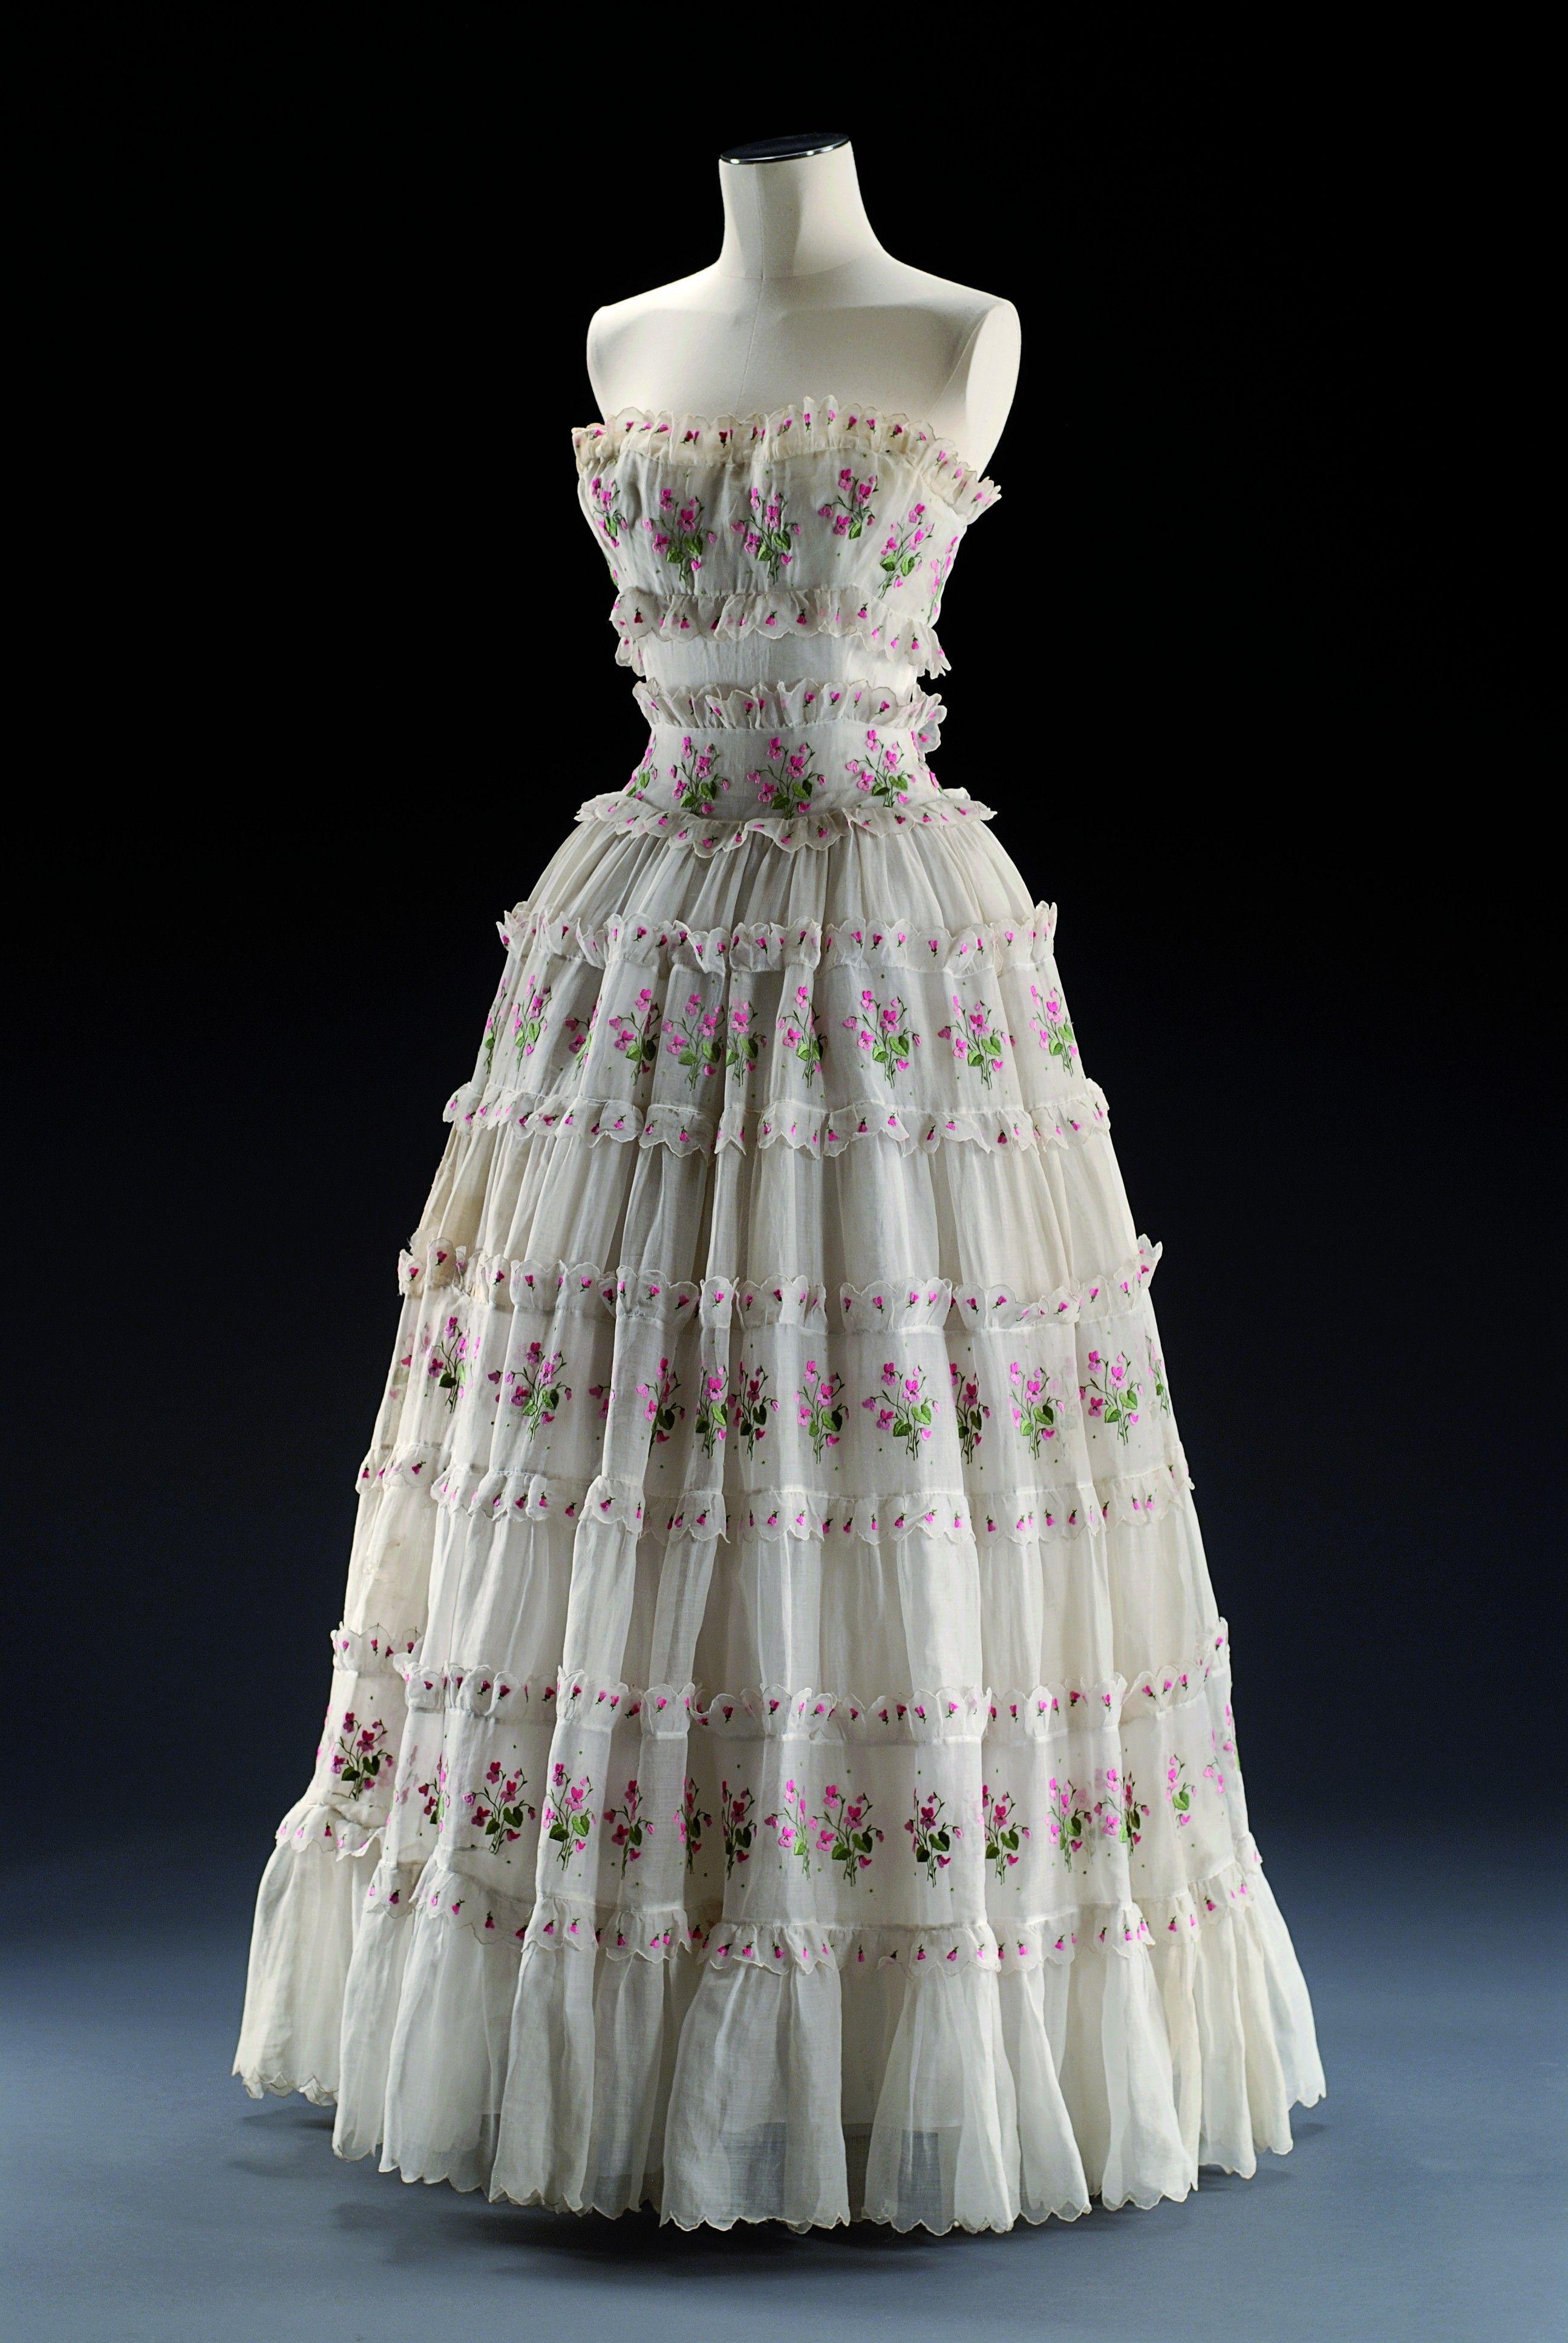 Robe de soir par Christian Dior vers 1953  Musée du Costume et de la Dentelle :Mode au XXe siècle